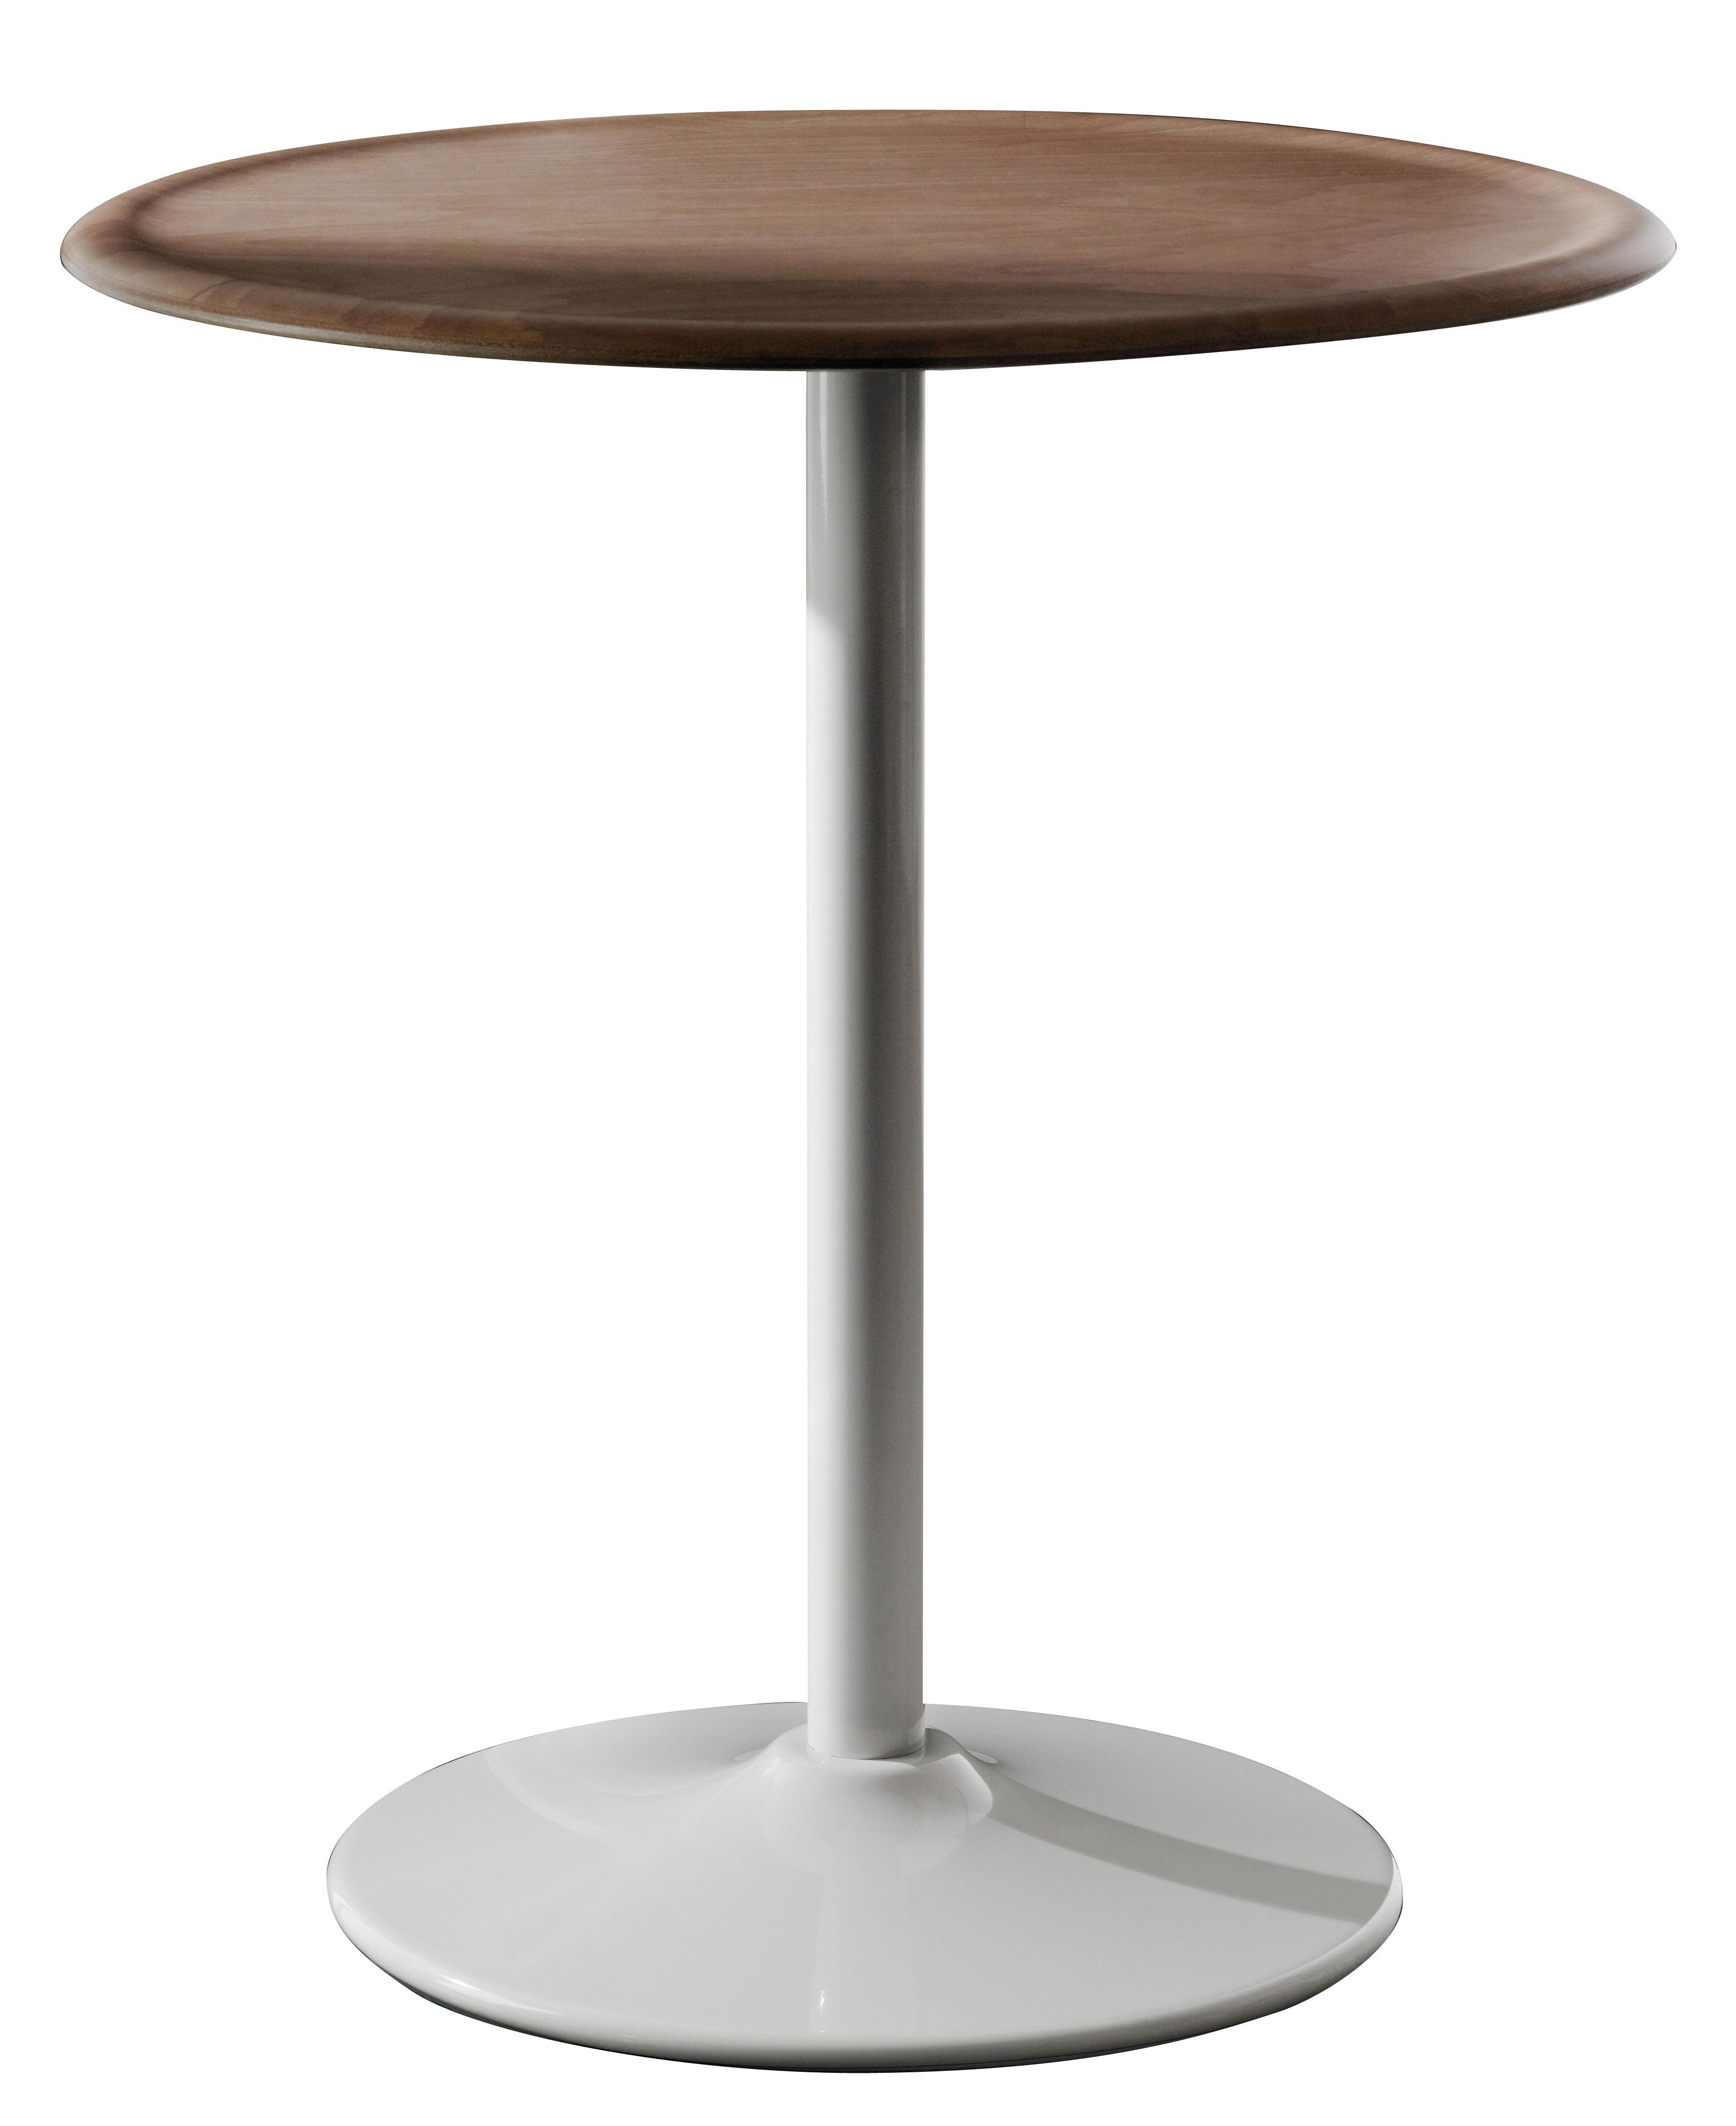 100 magis bar stool amazon com topeakmart pub table adjusta